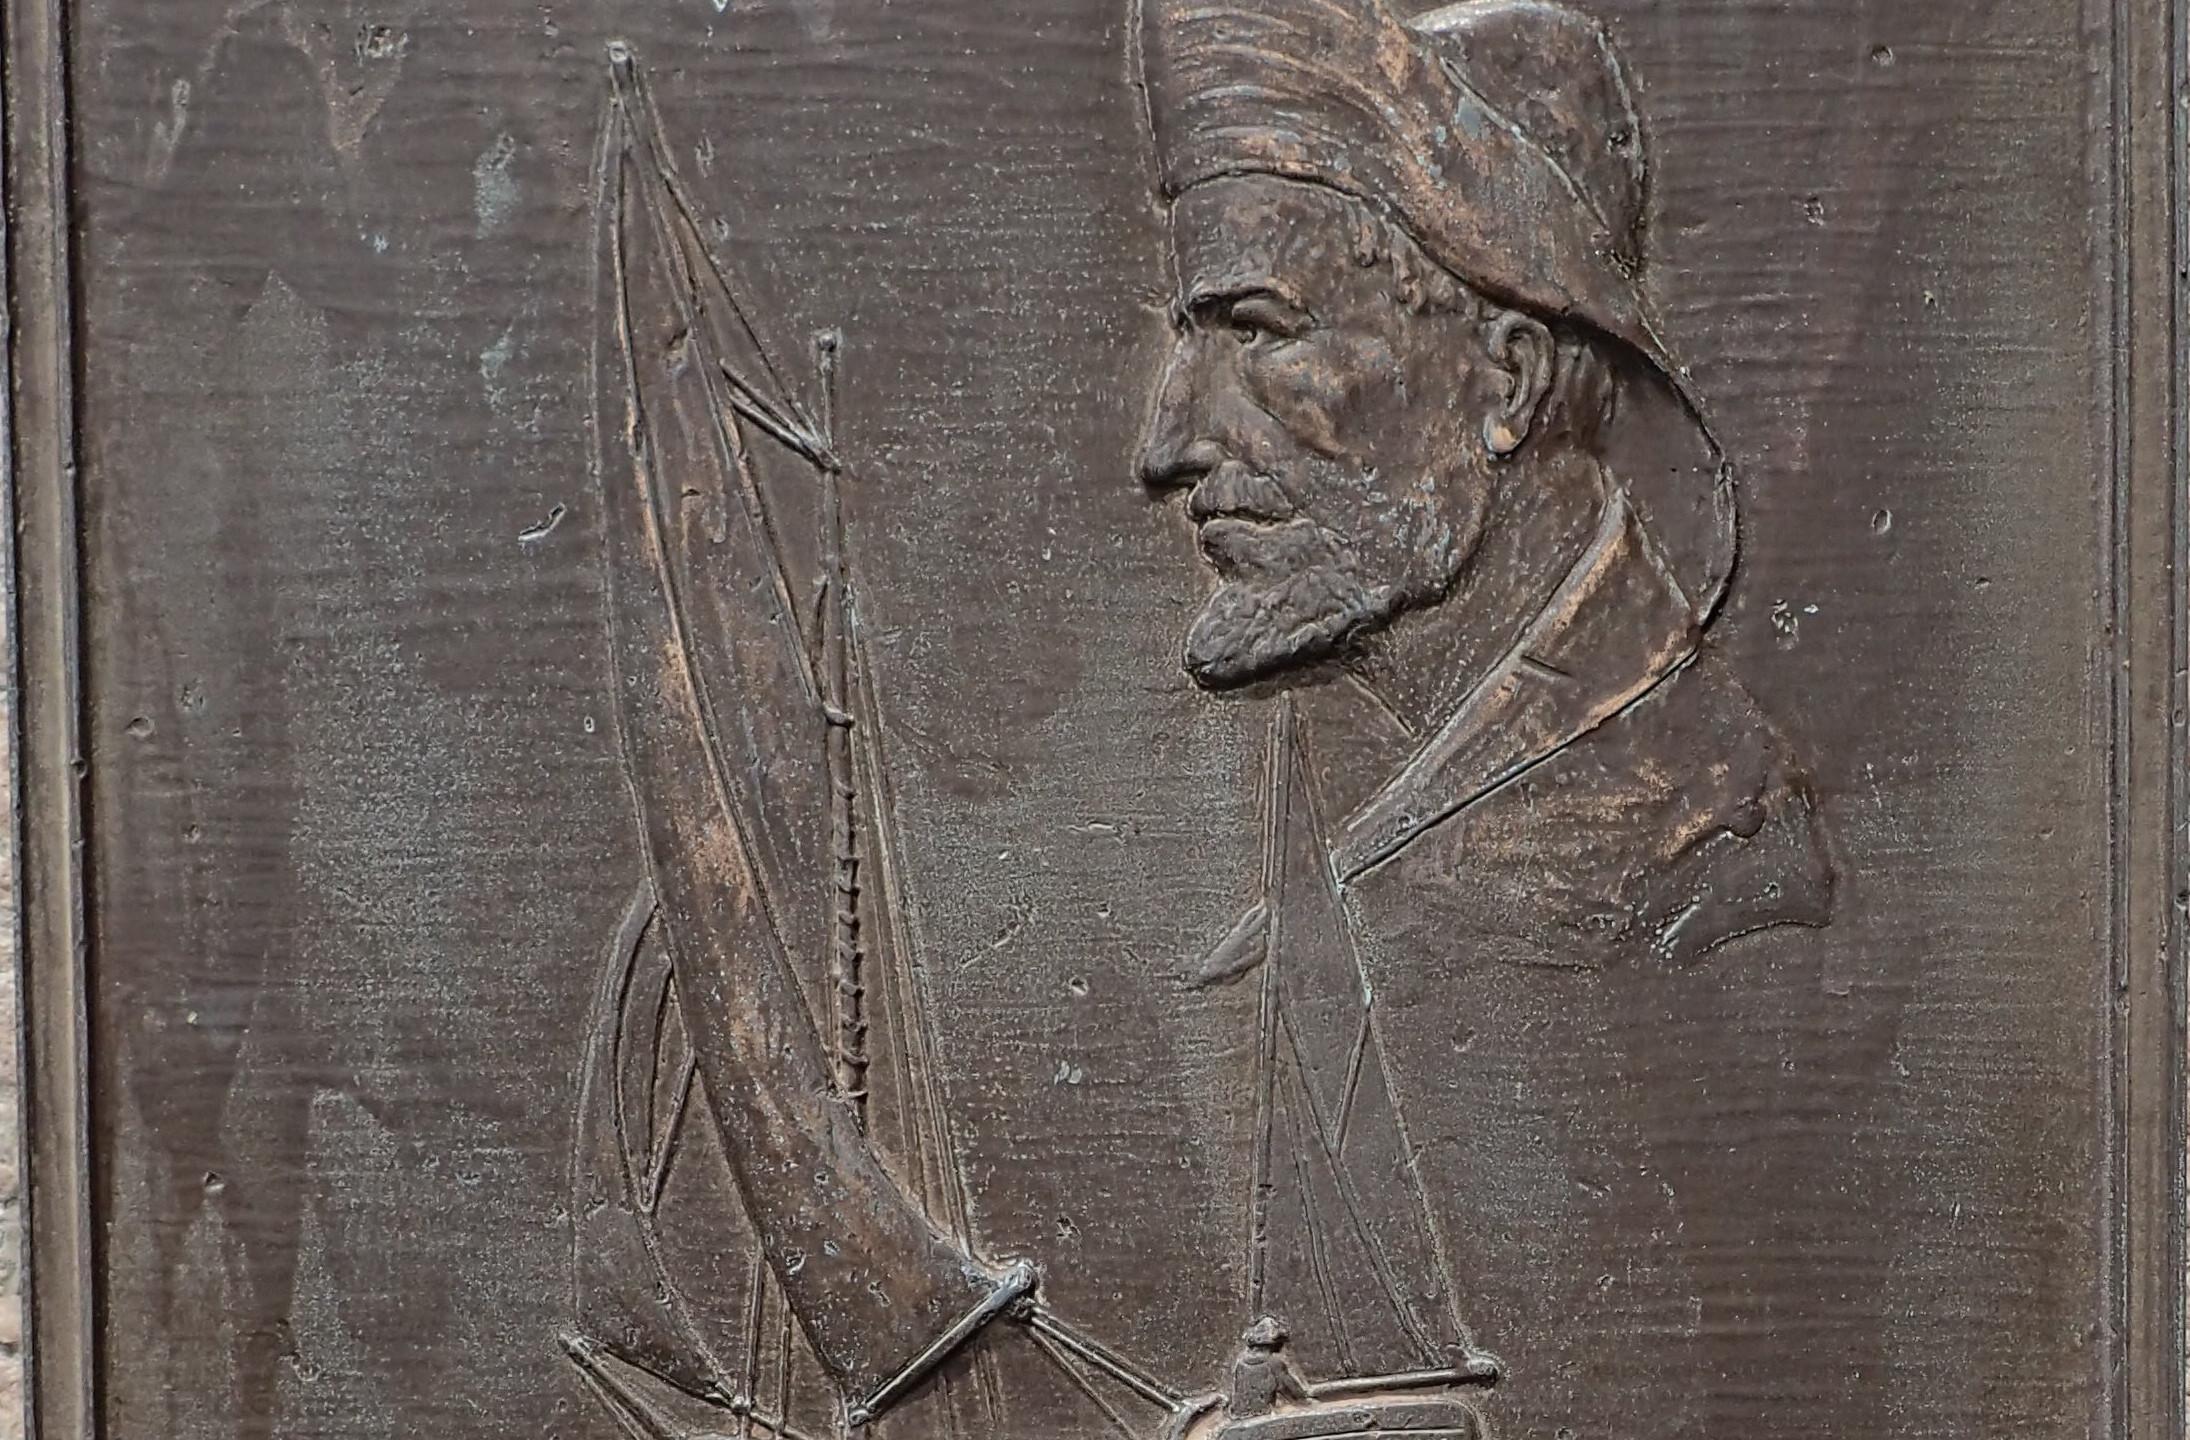 Joshua Slocum's memorial